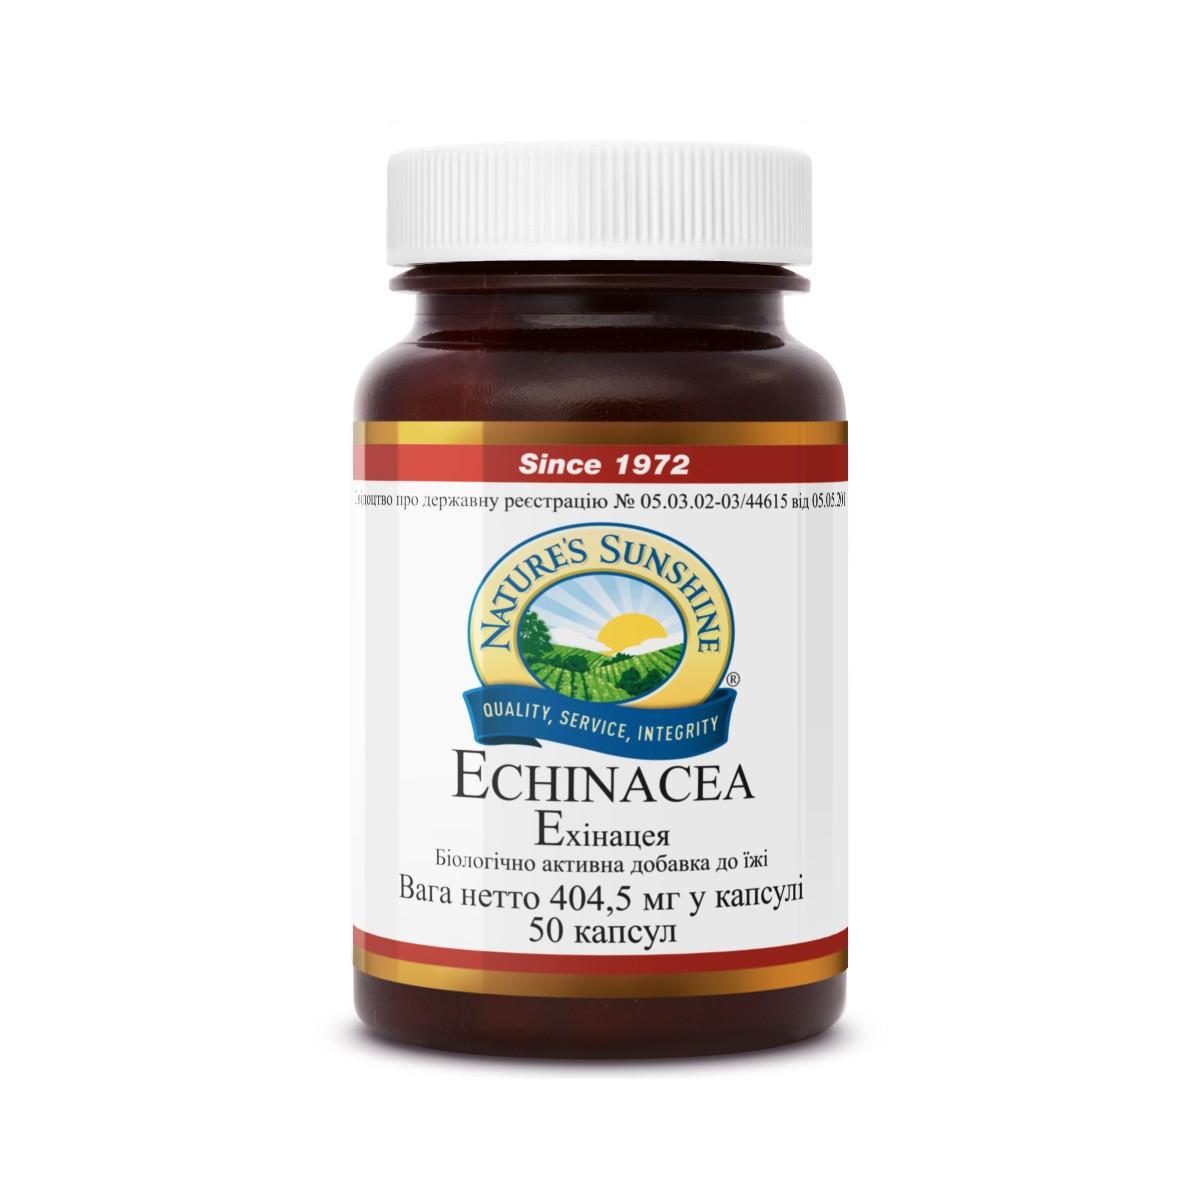 Echinacea [262] (-20%)